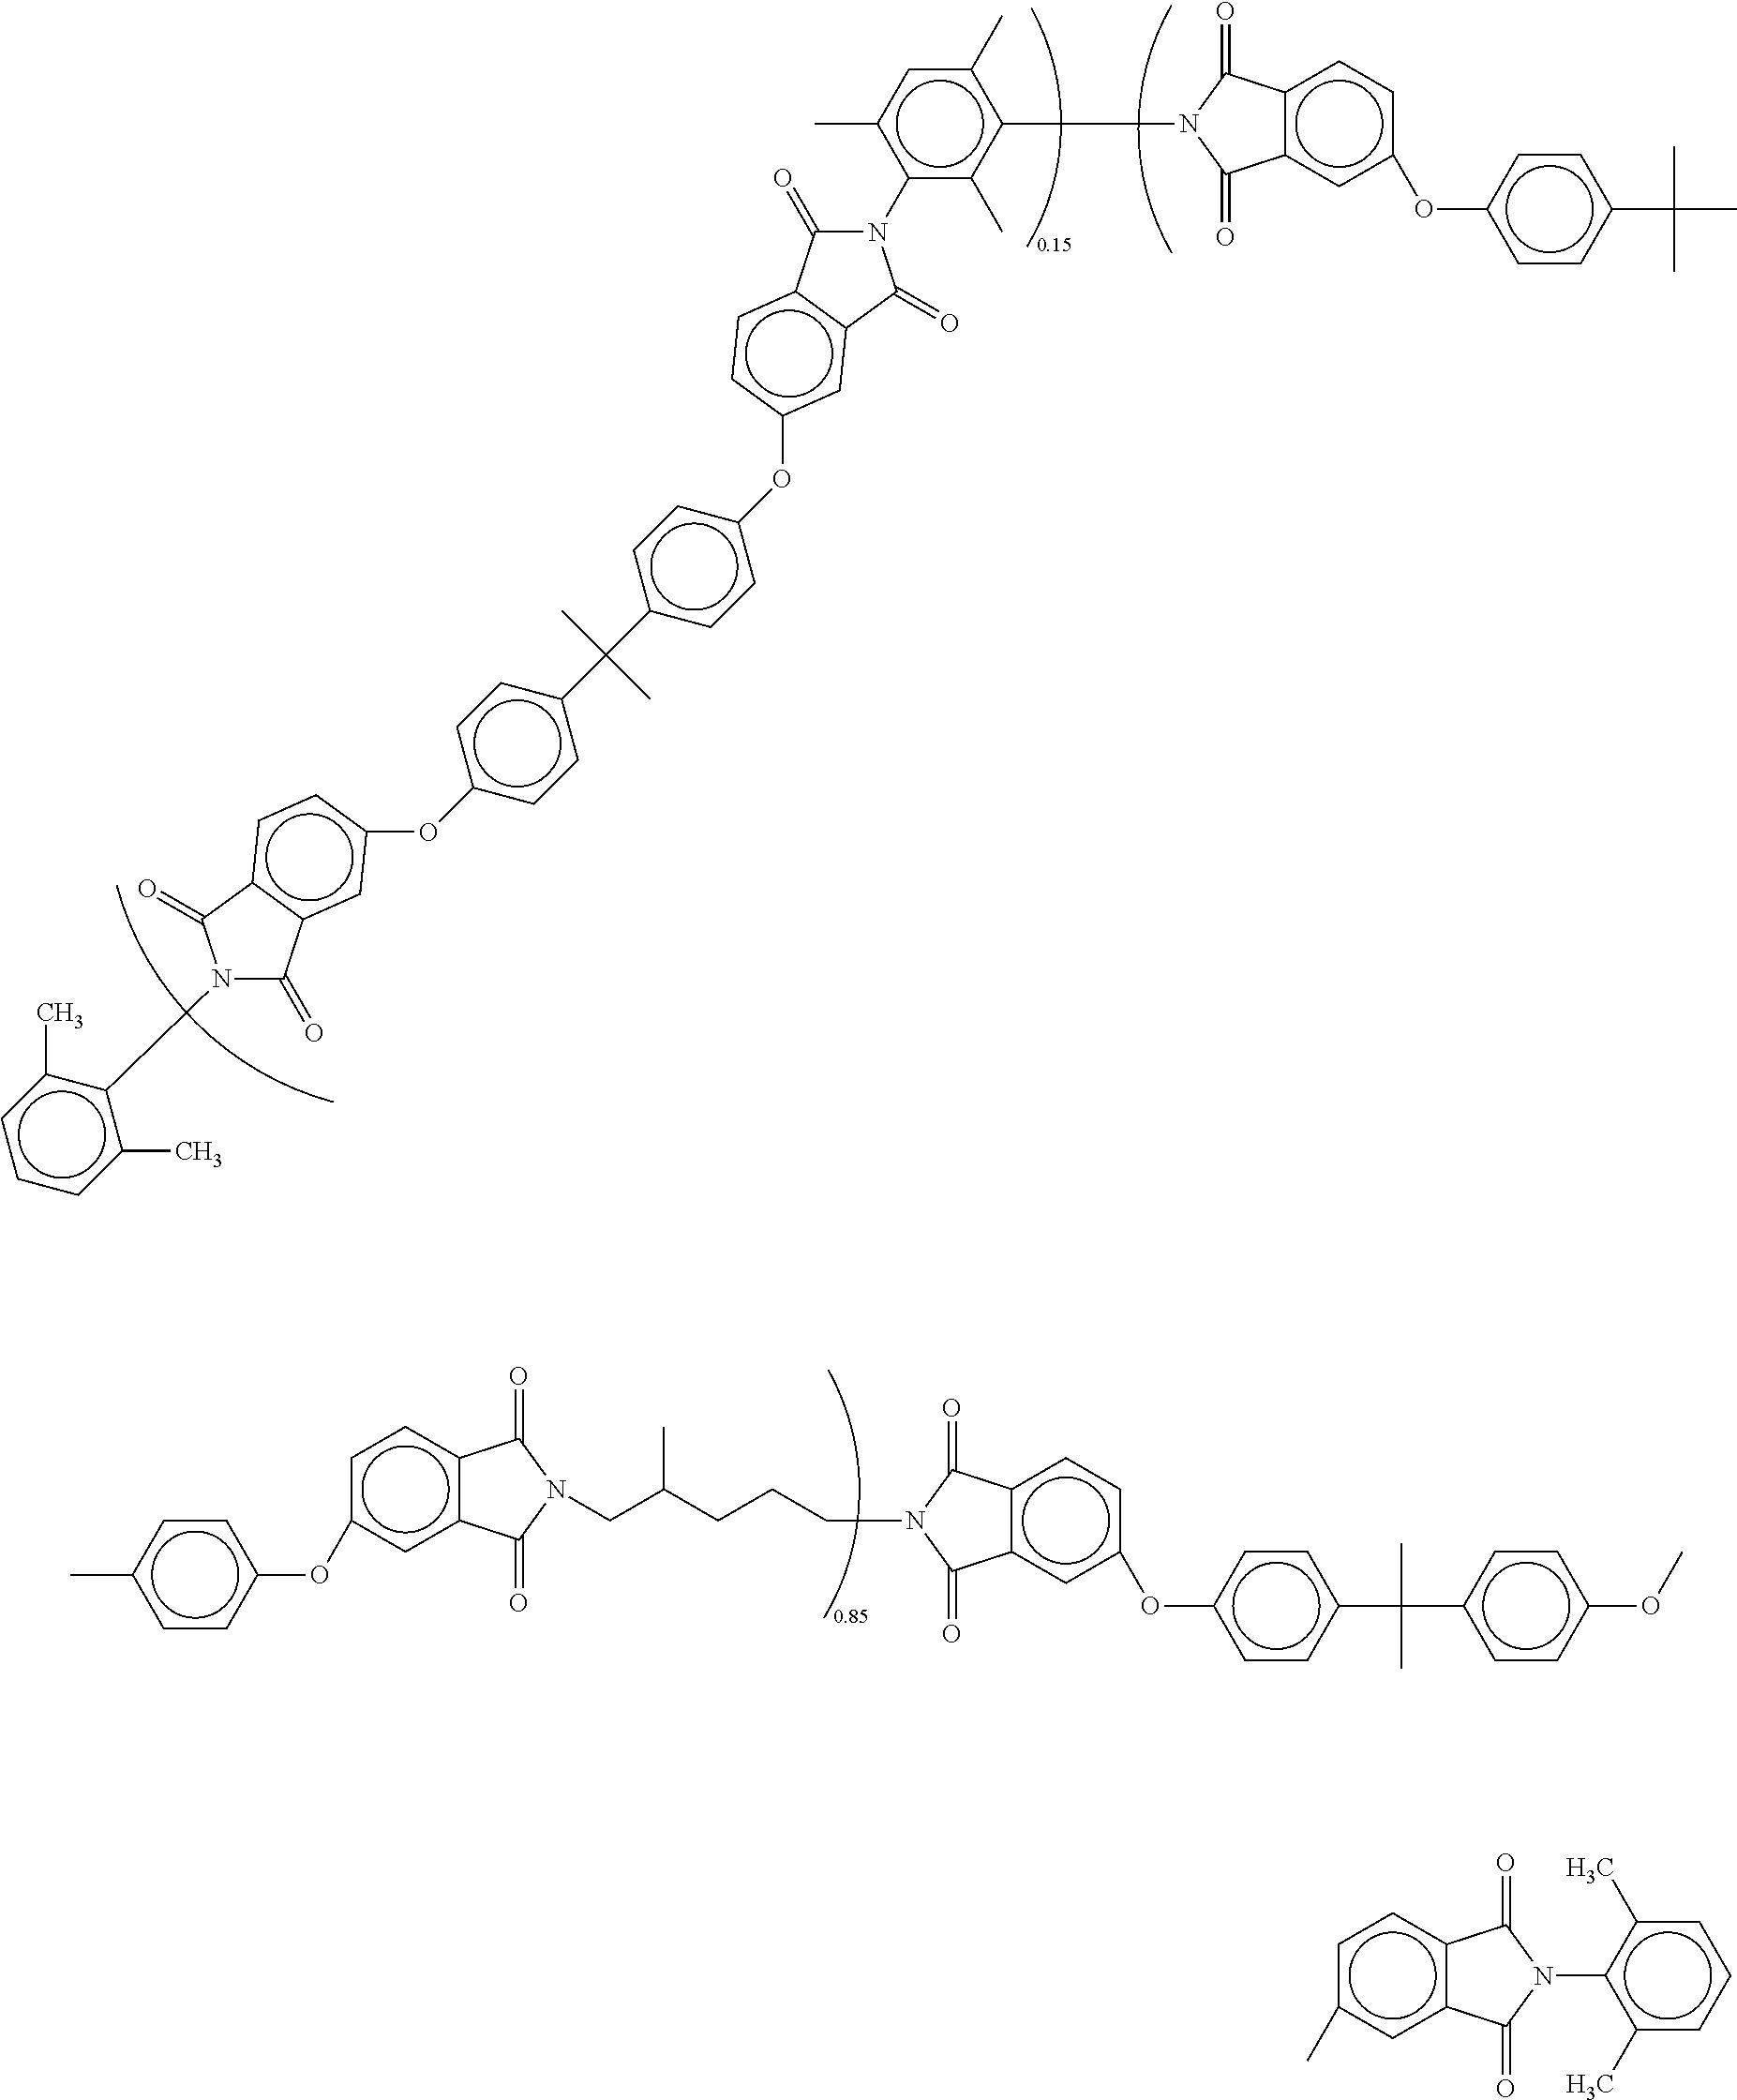 Figure US07935780-20110503-C00026